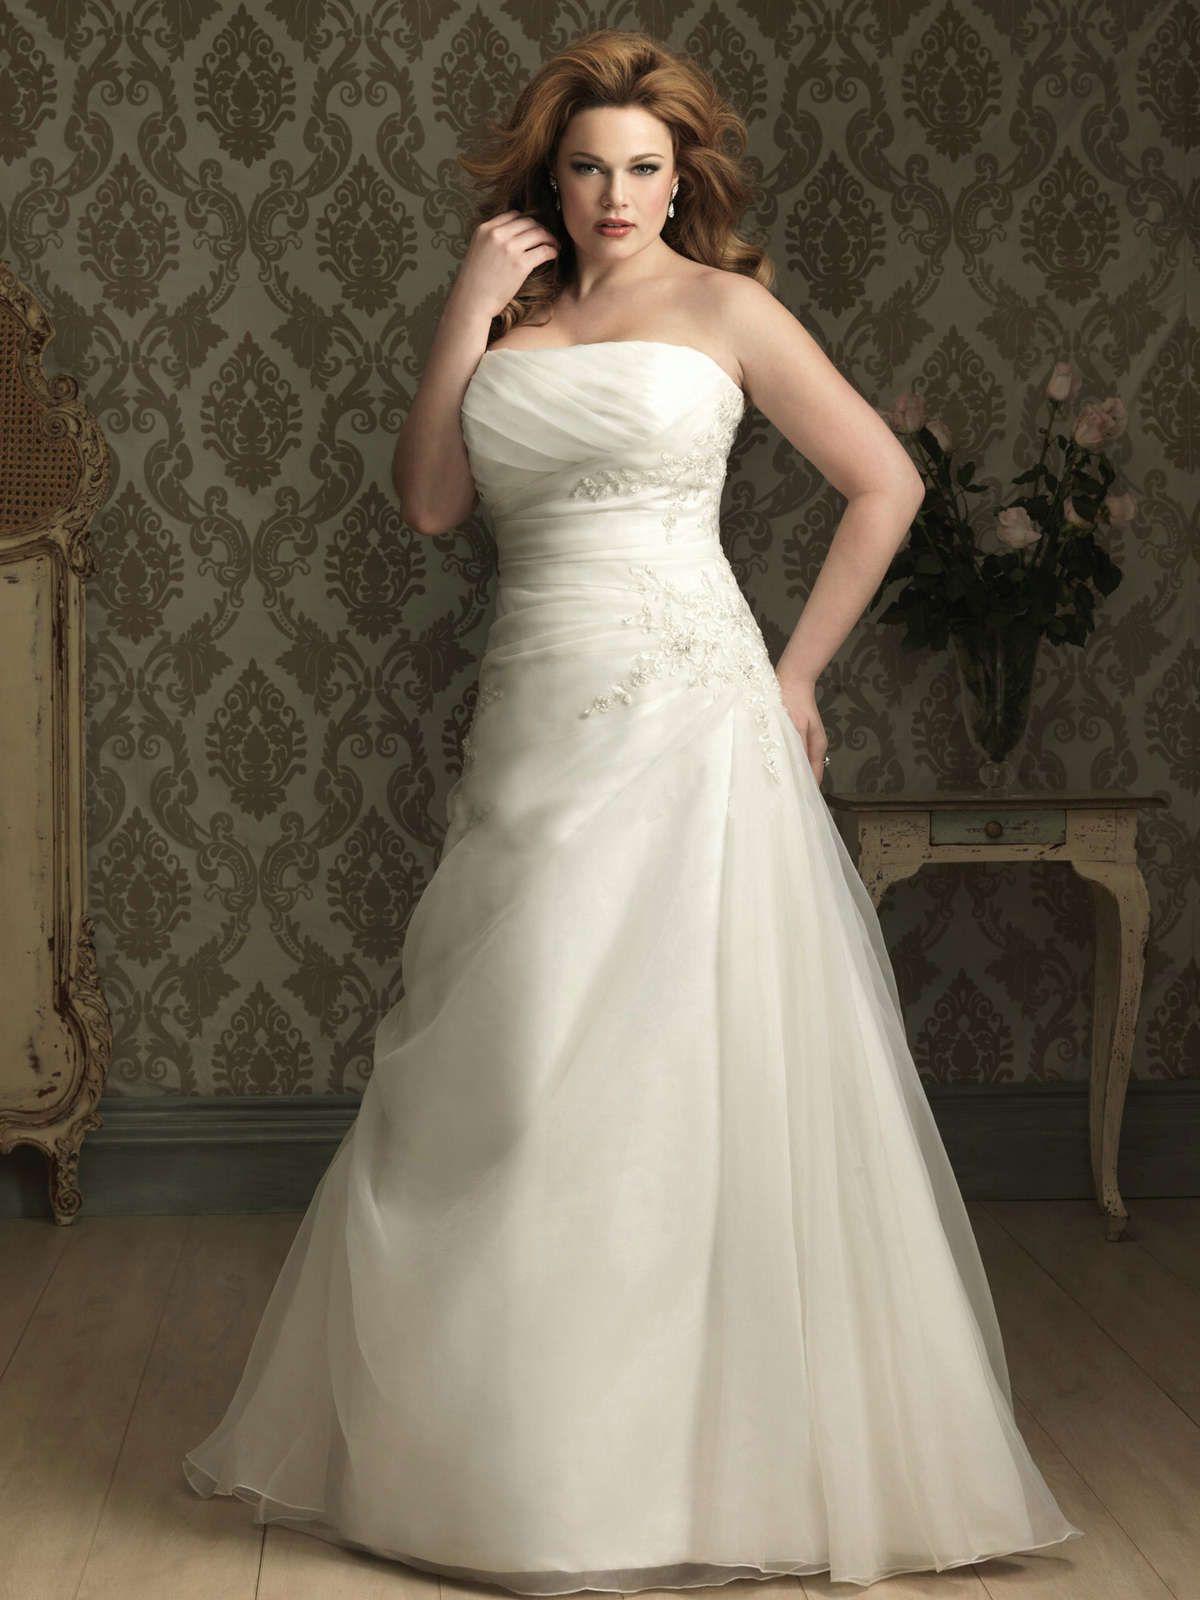 Plus Size Western Wedding Dresses Photos HD | Wedding ...